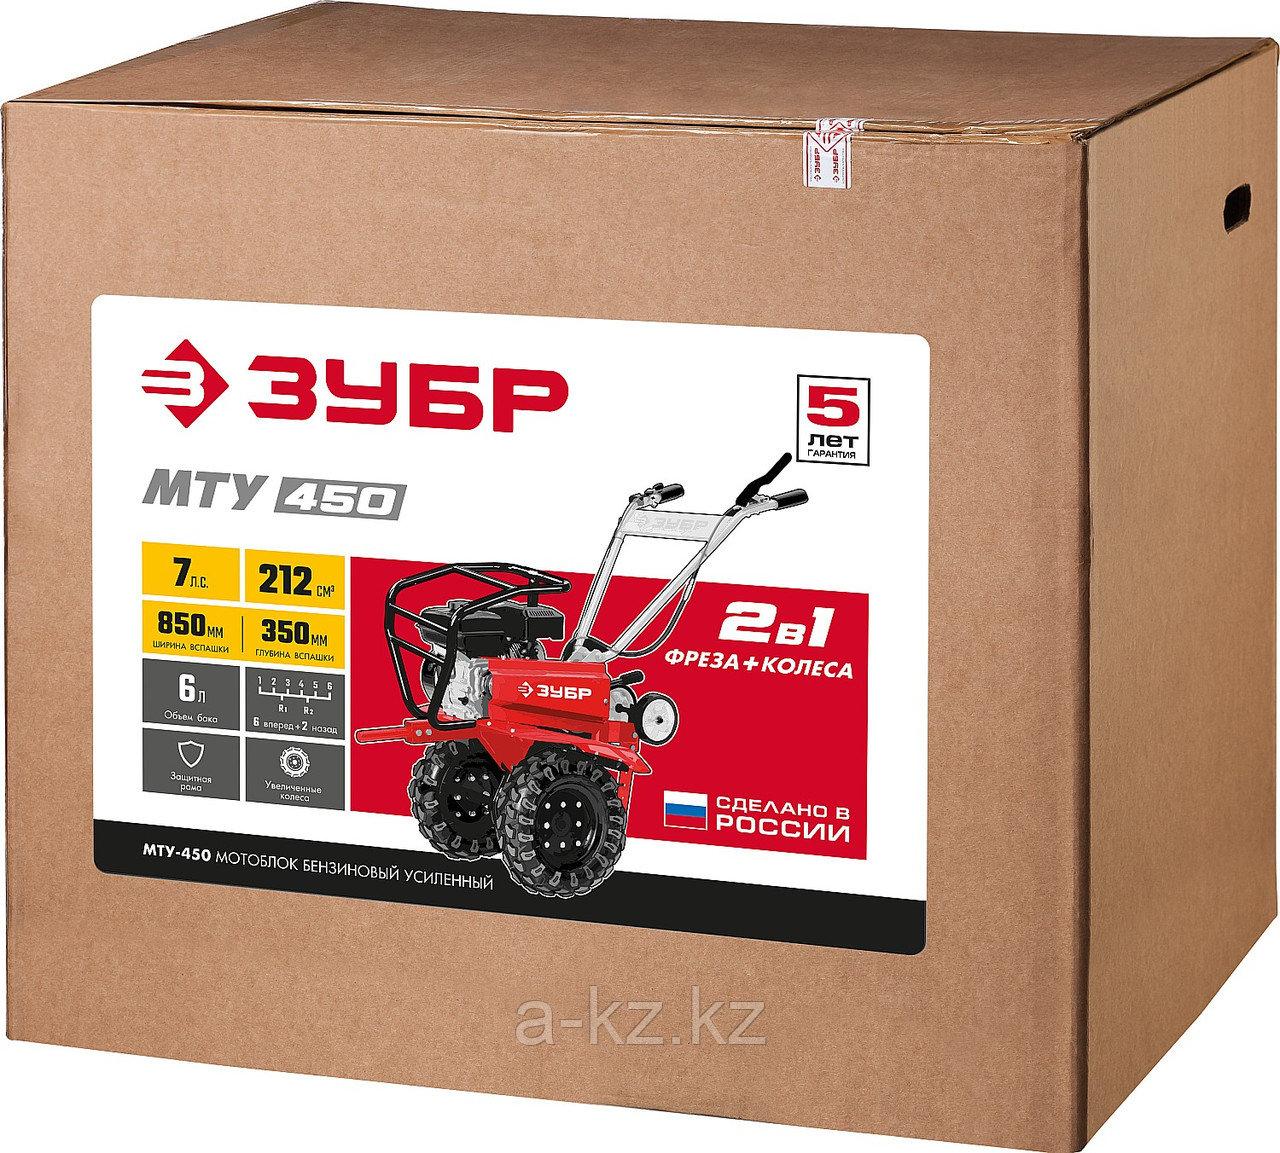 ЗУБР МТУ-450 мотоблок бензиновый усиленный, 212 см3 - фото 8